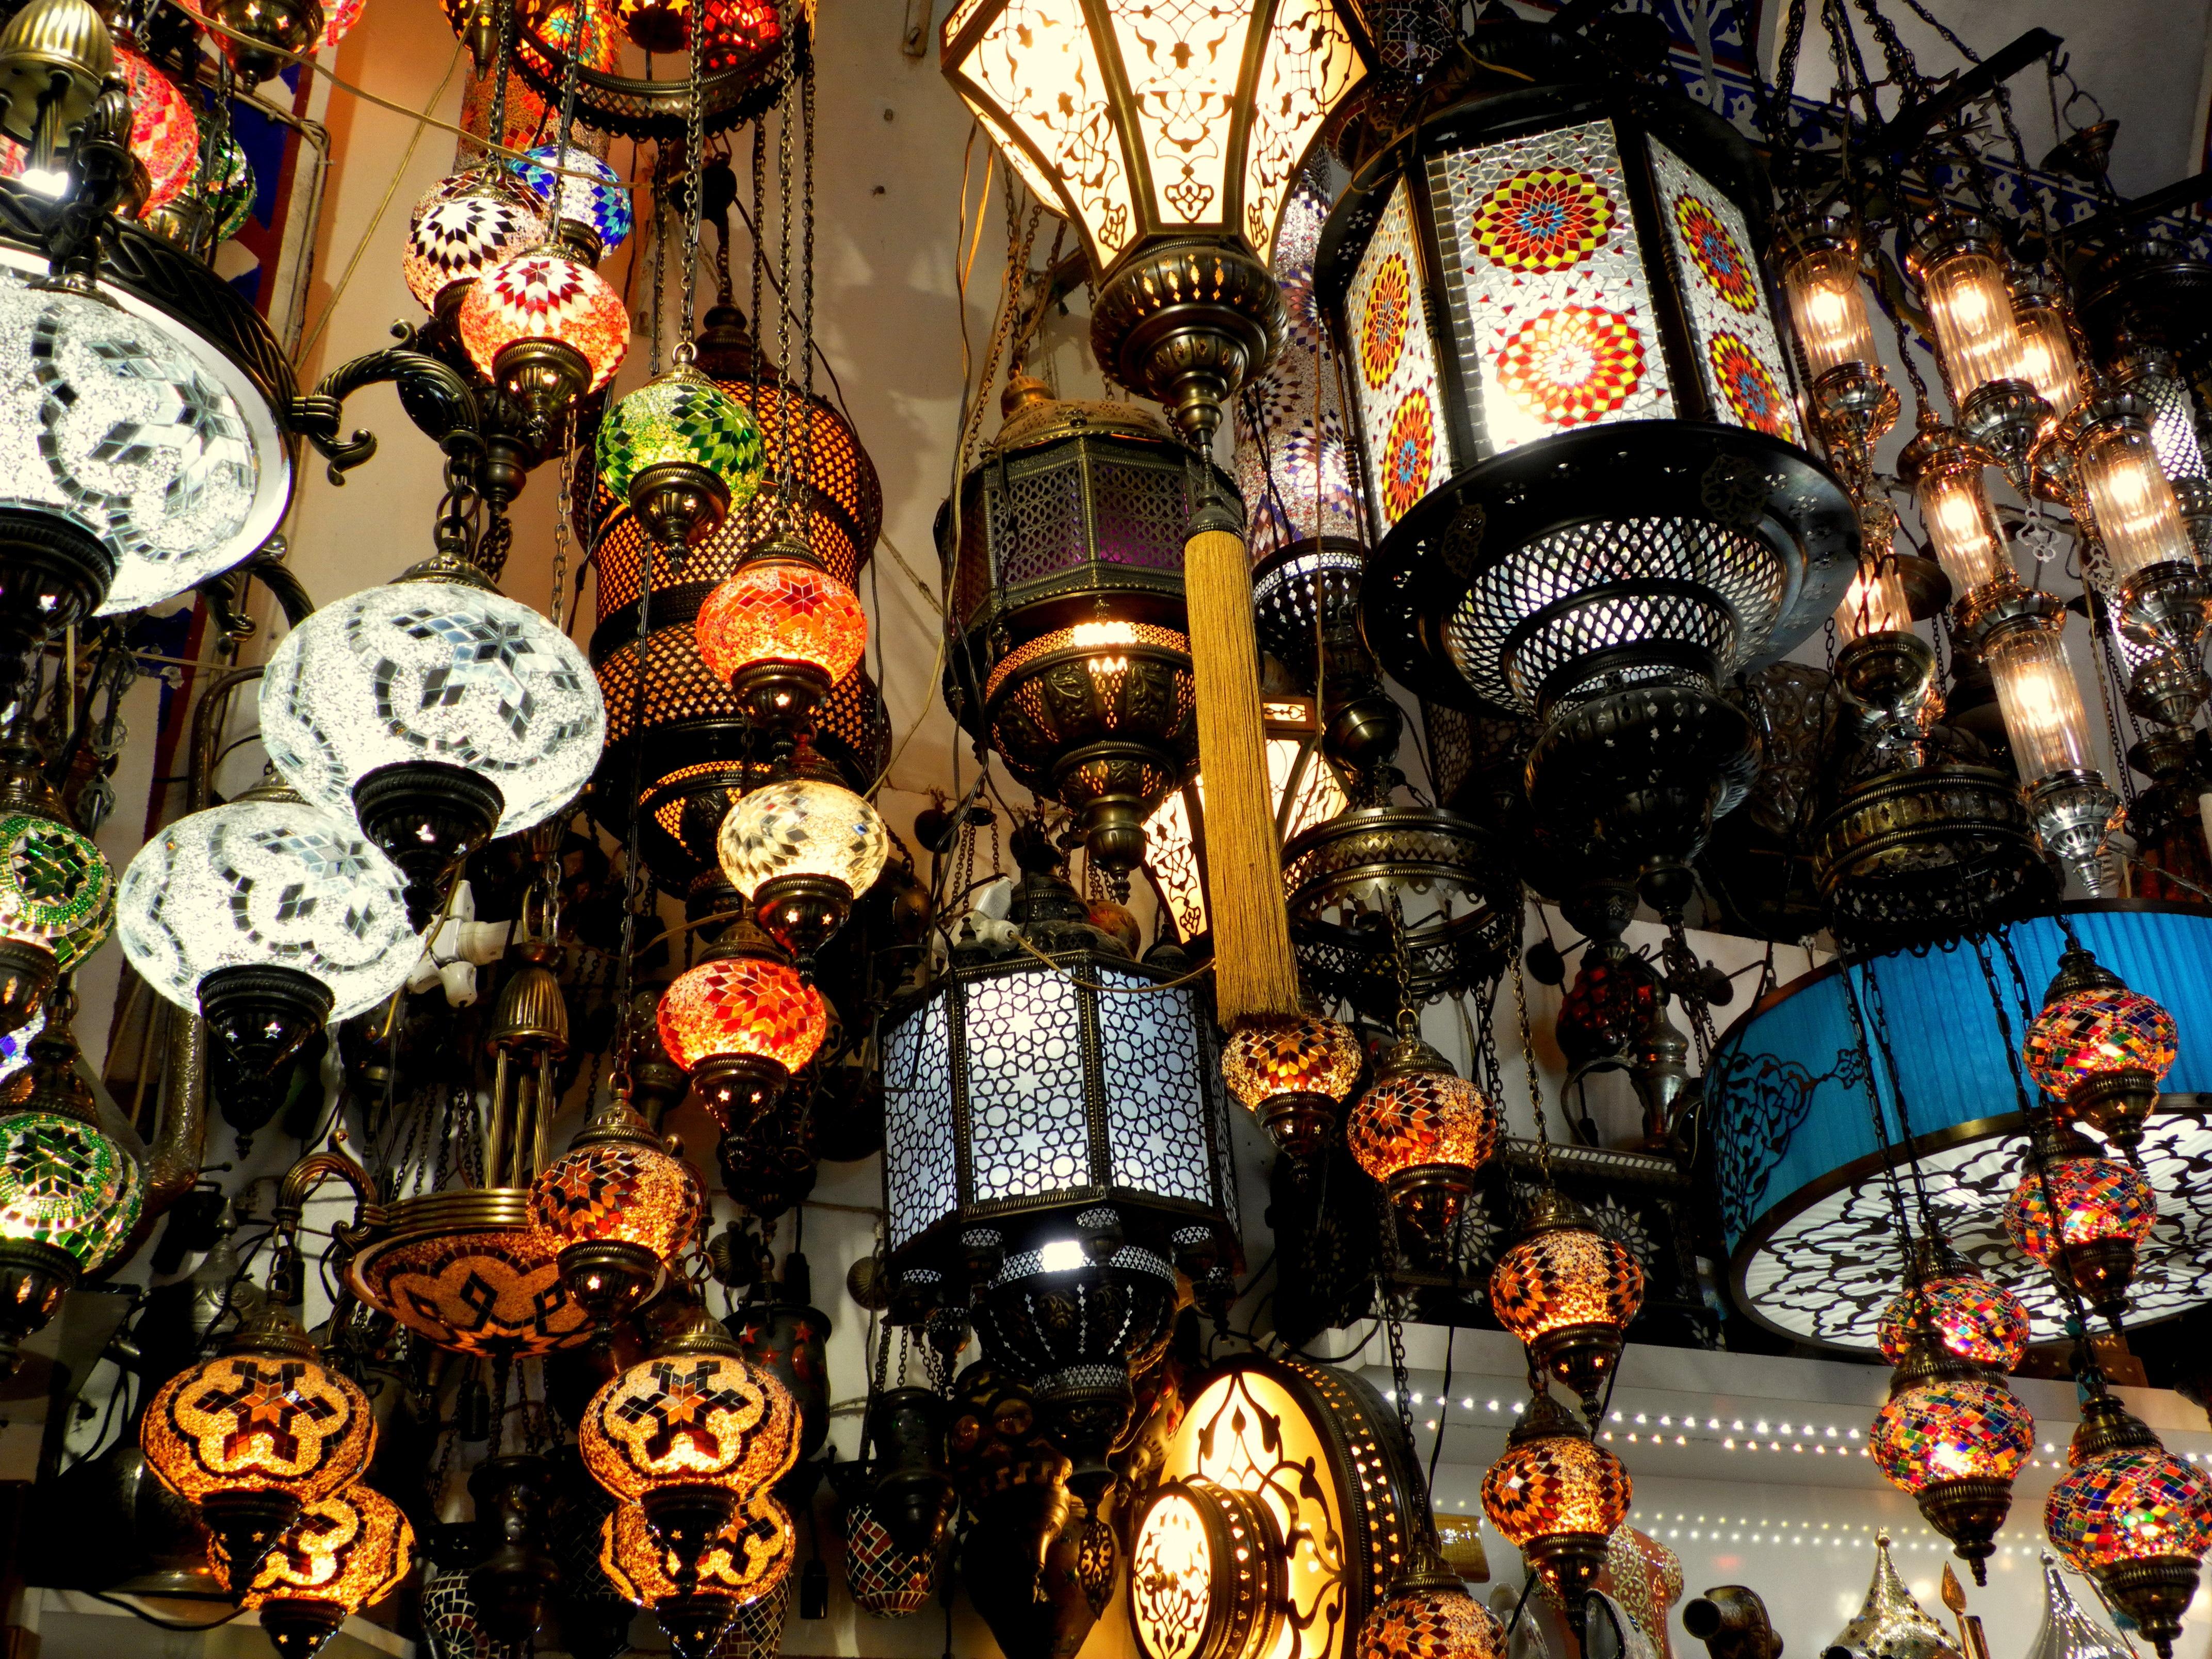 Karneval Basar Beleuchtung Farben Istanbul Handwerk Bazar Kronleuchter